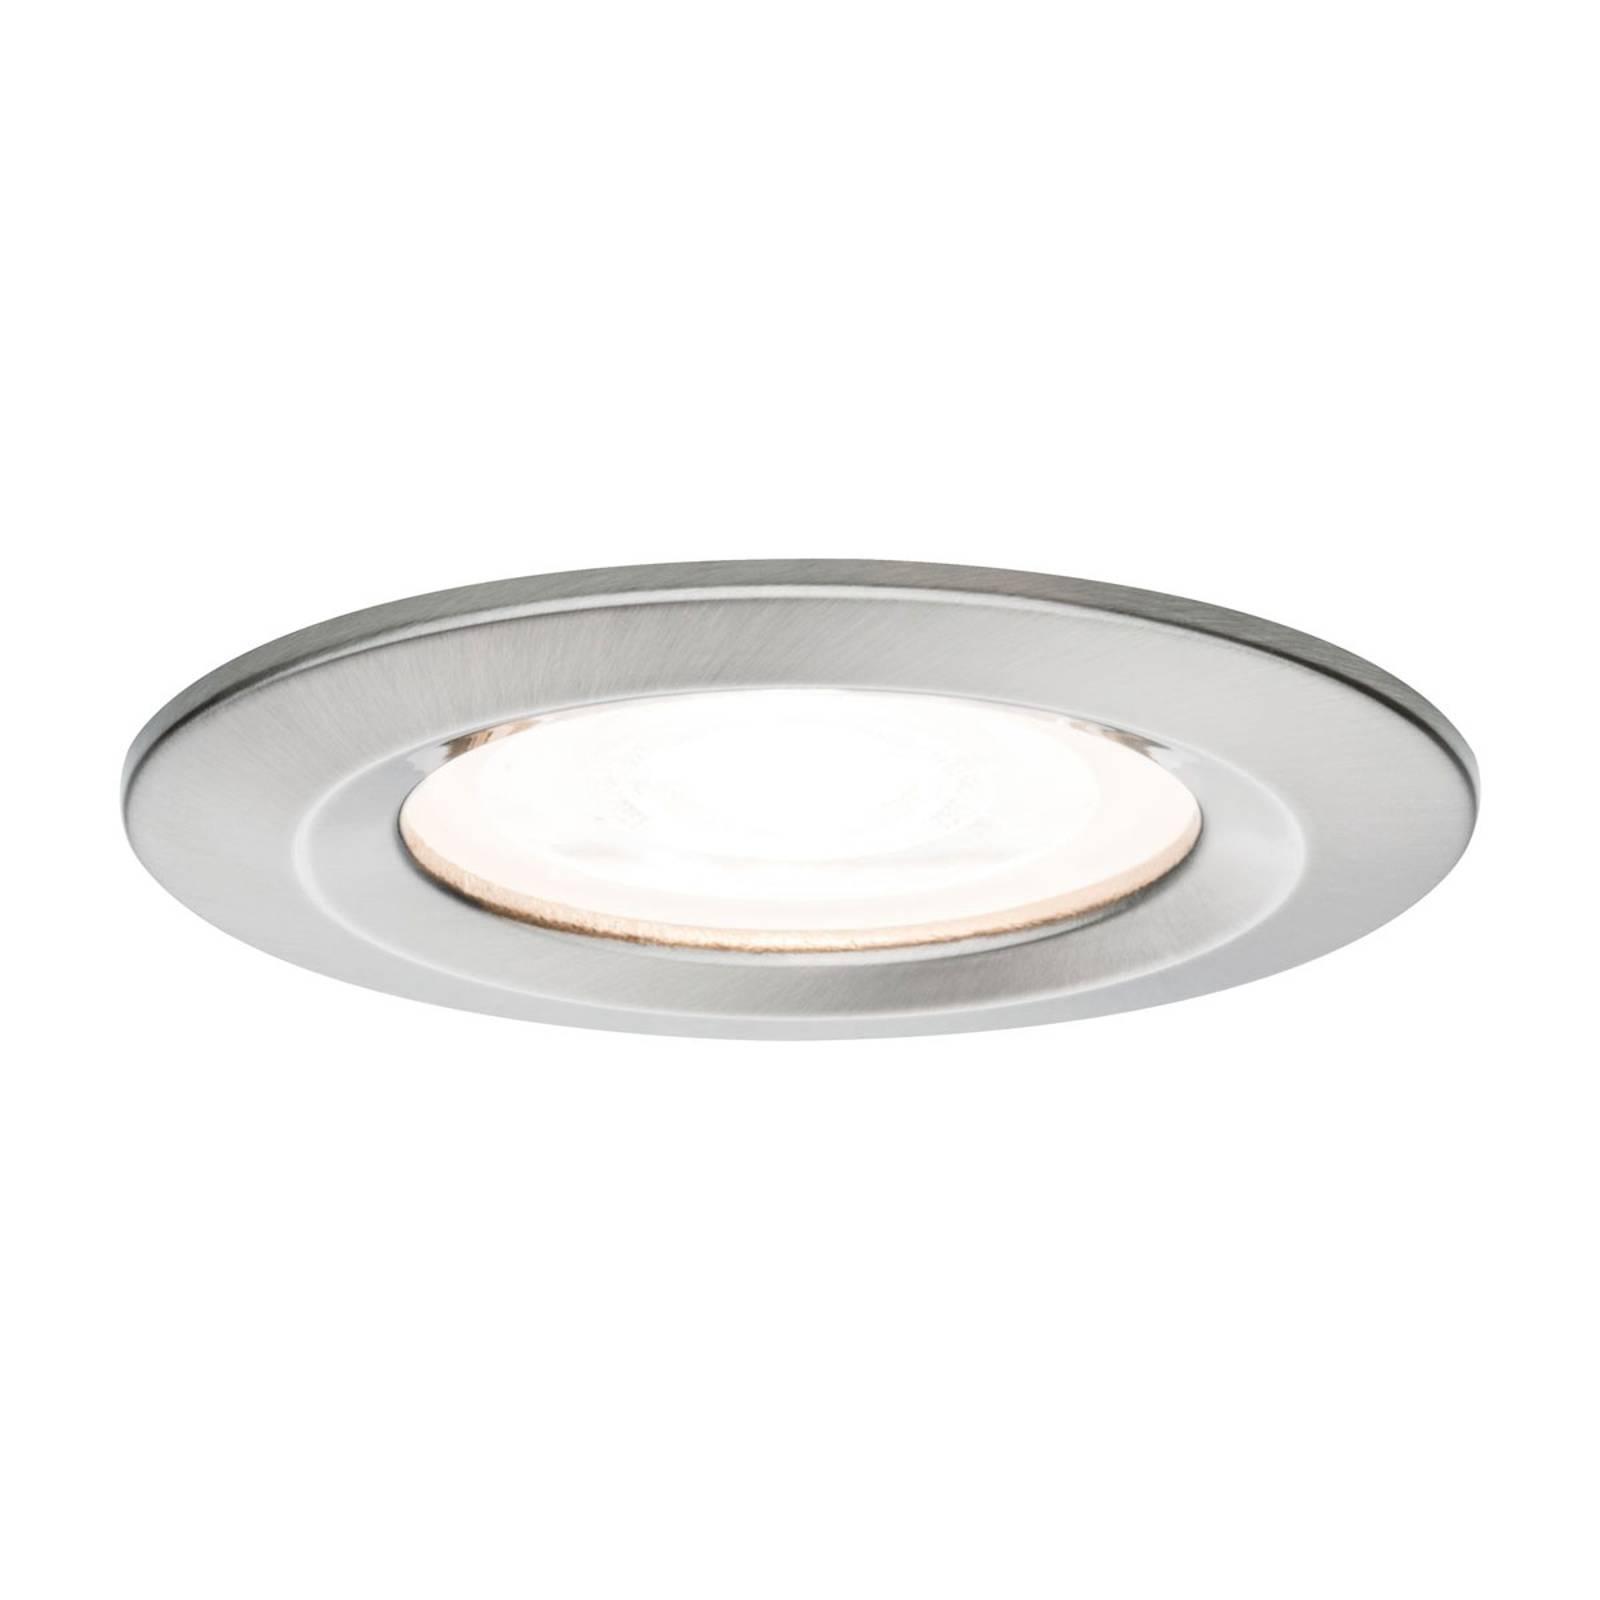 Paulmann LED-spotti Nova pyöreä, IP44, rauta